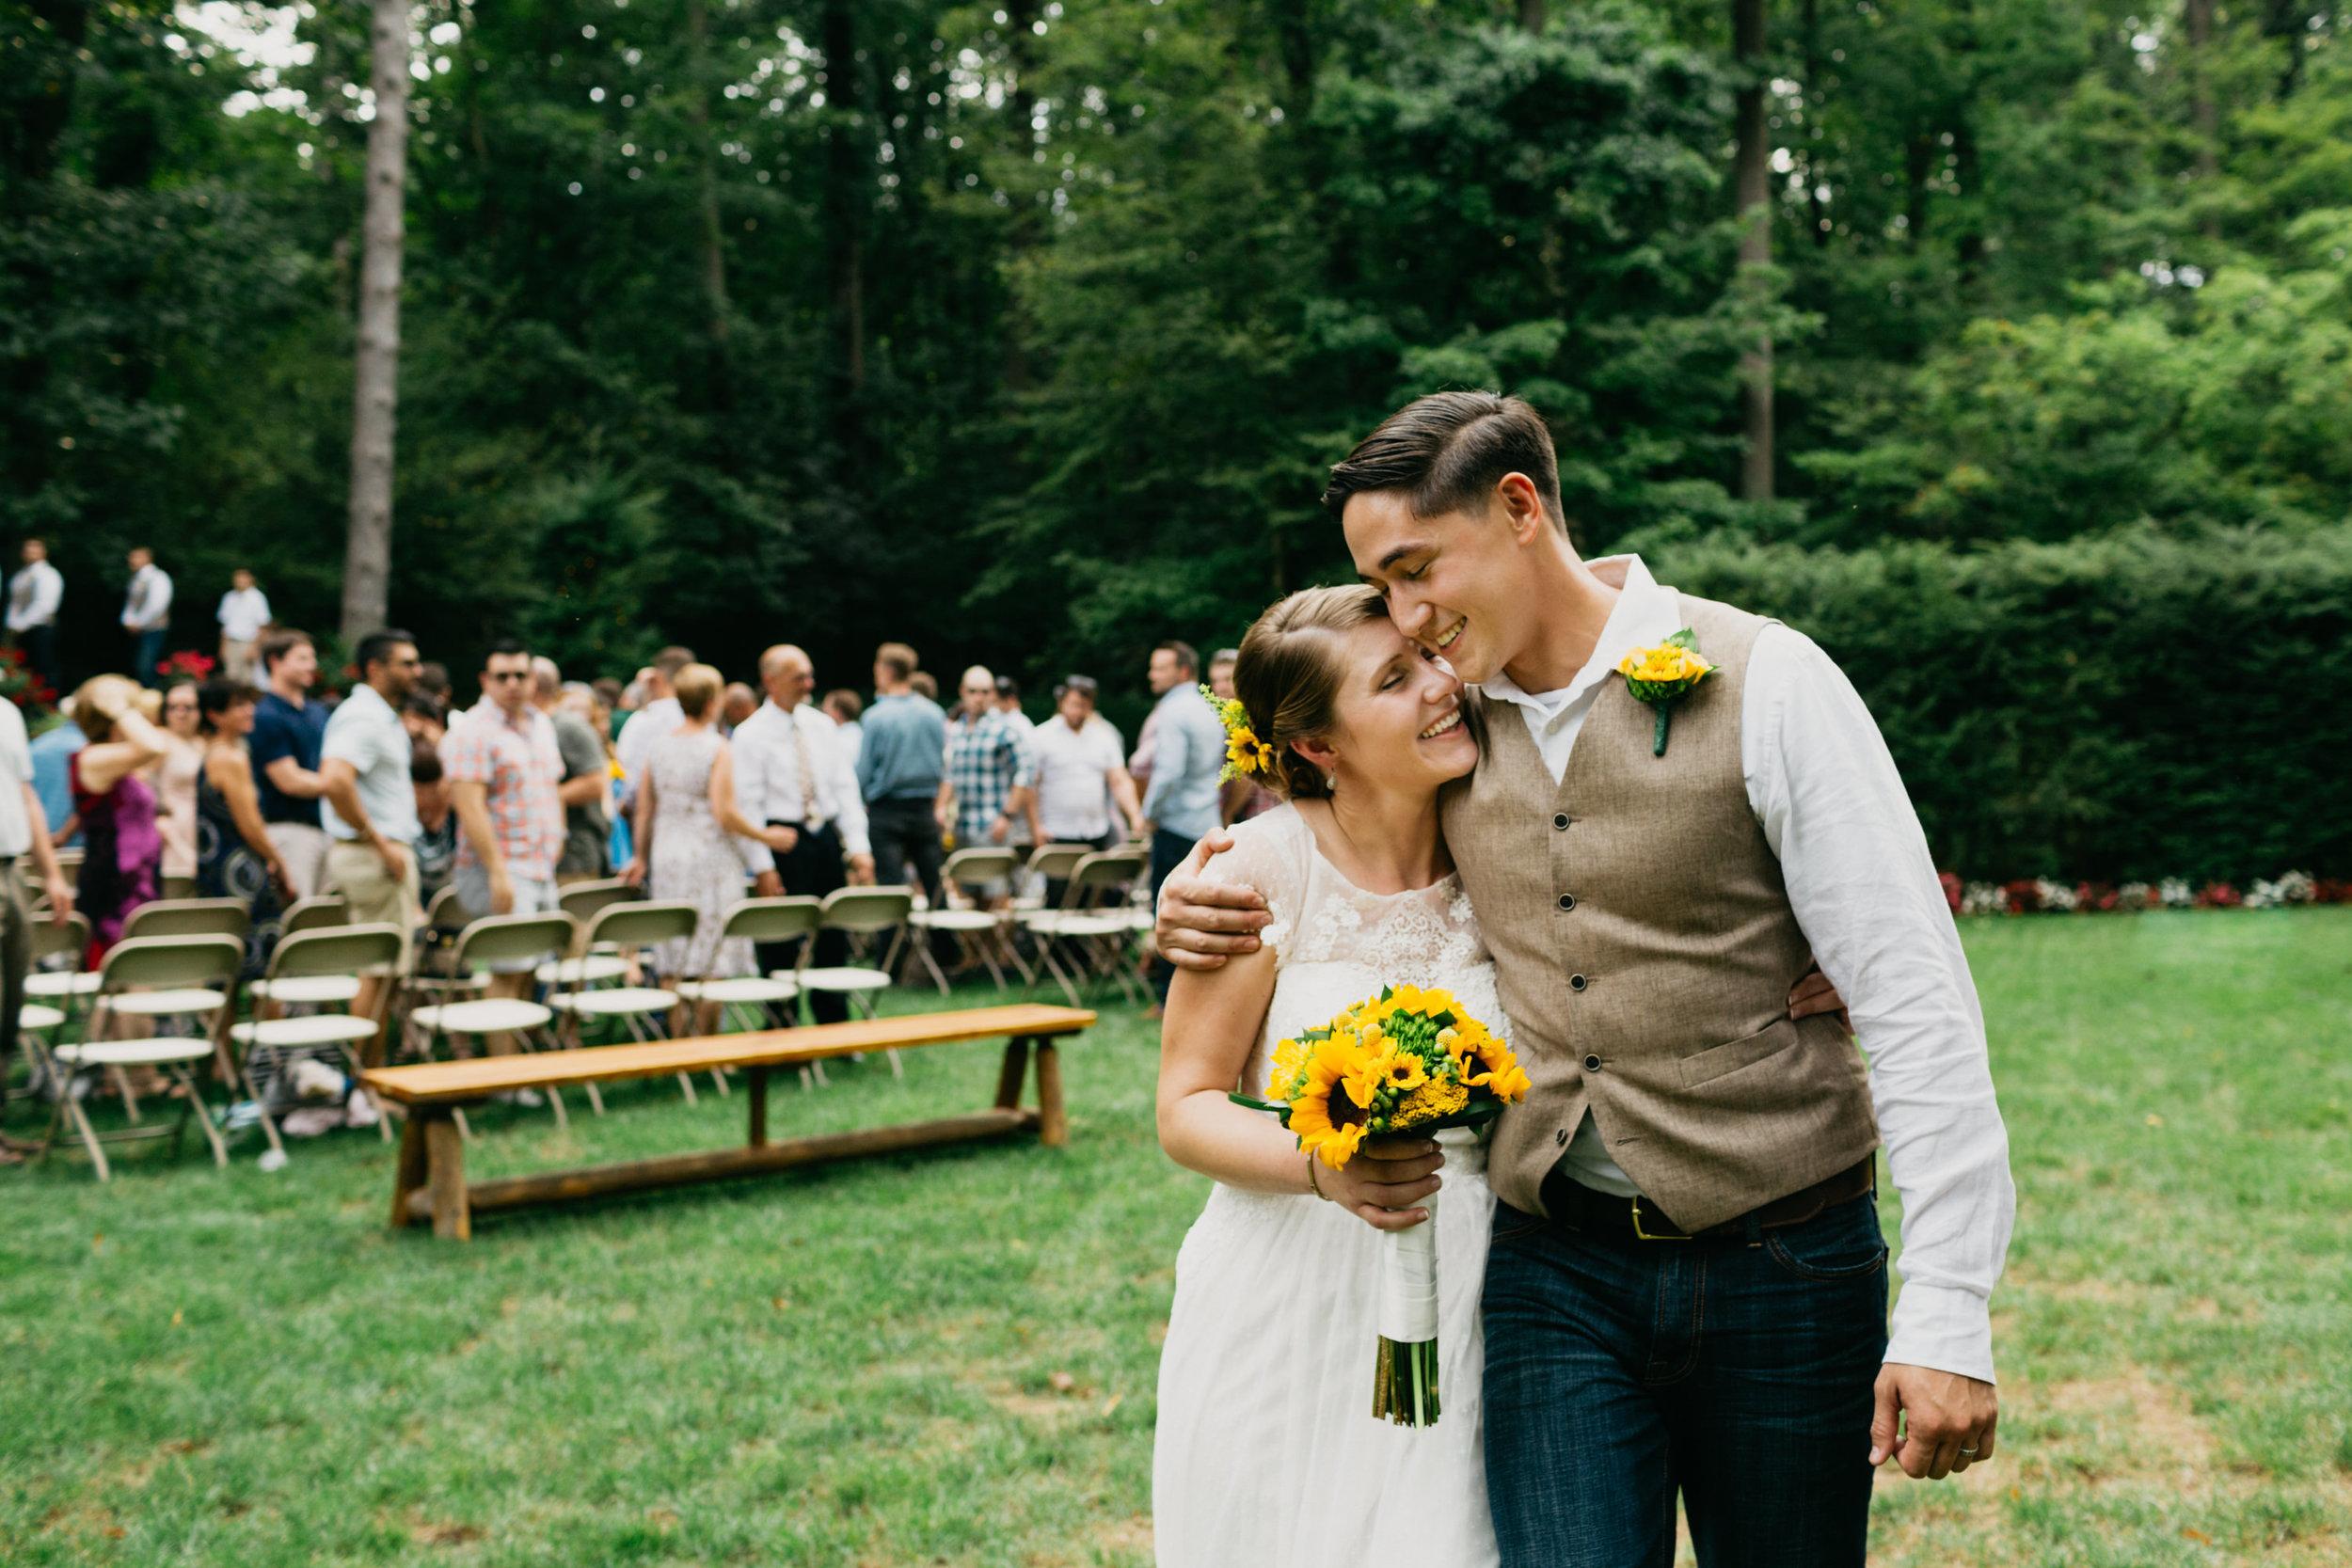 weddings-89.jpg